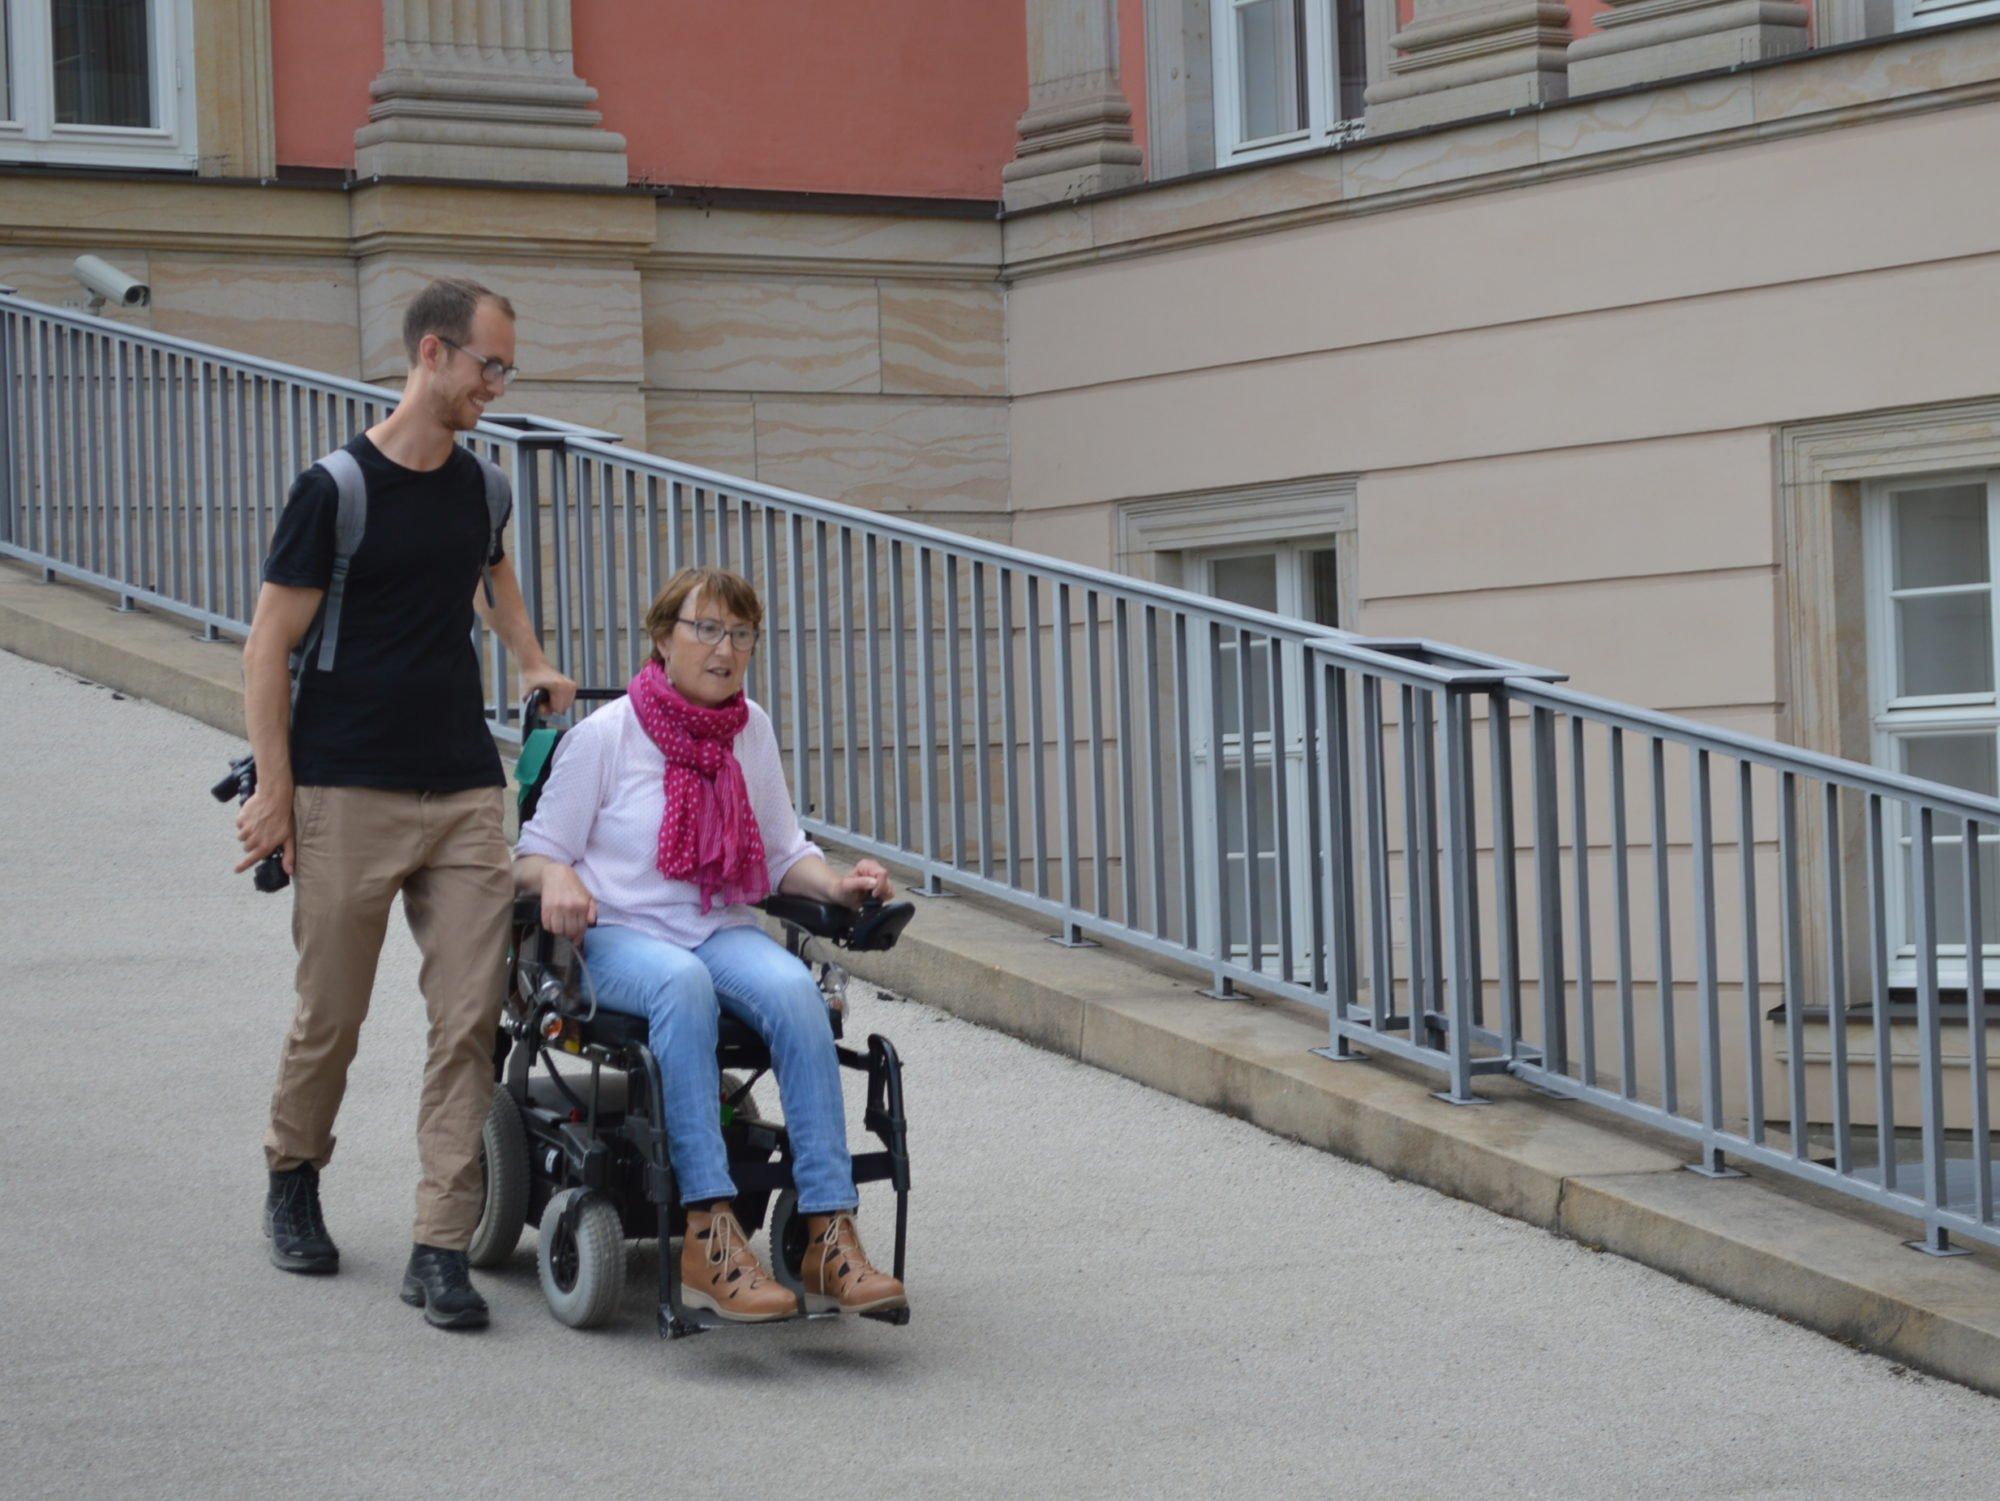 Ein Fußgänger und eine Rollstuhlfahrerin gehen eine Rampe hinunter.